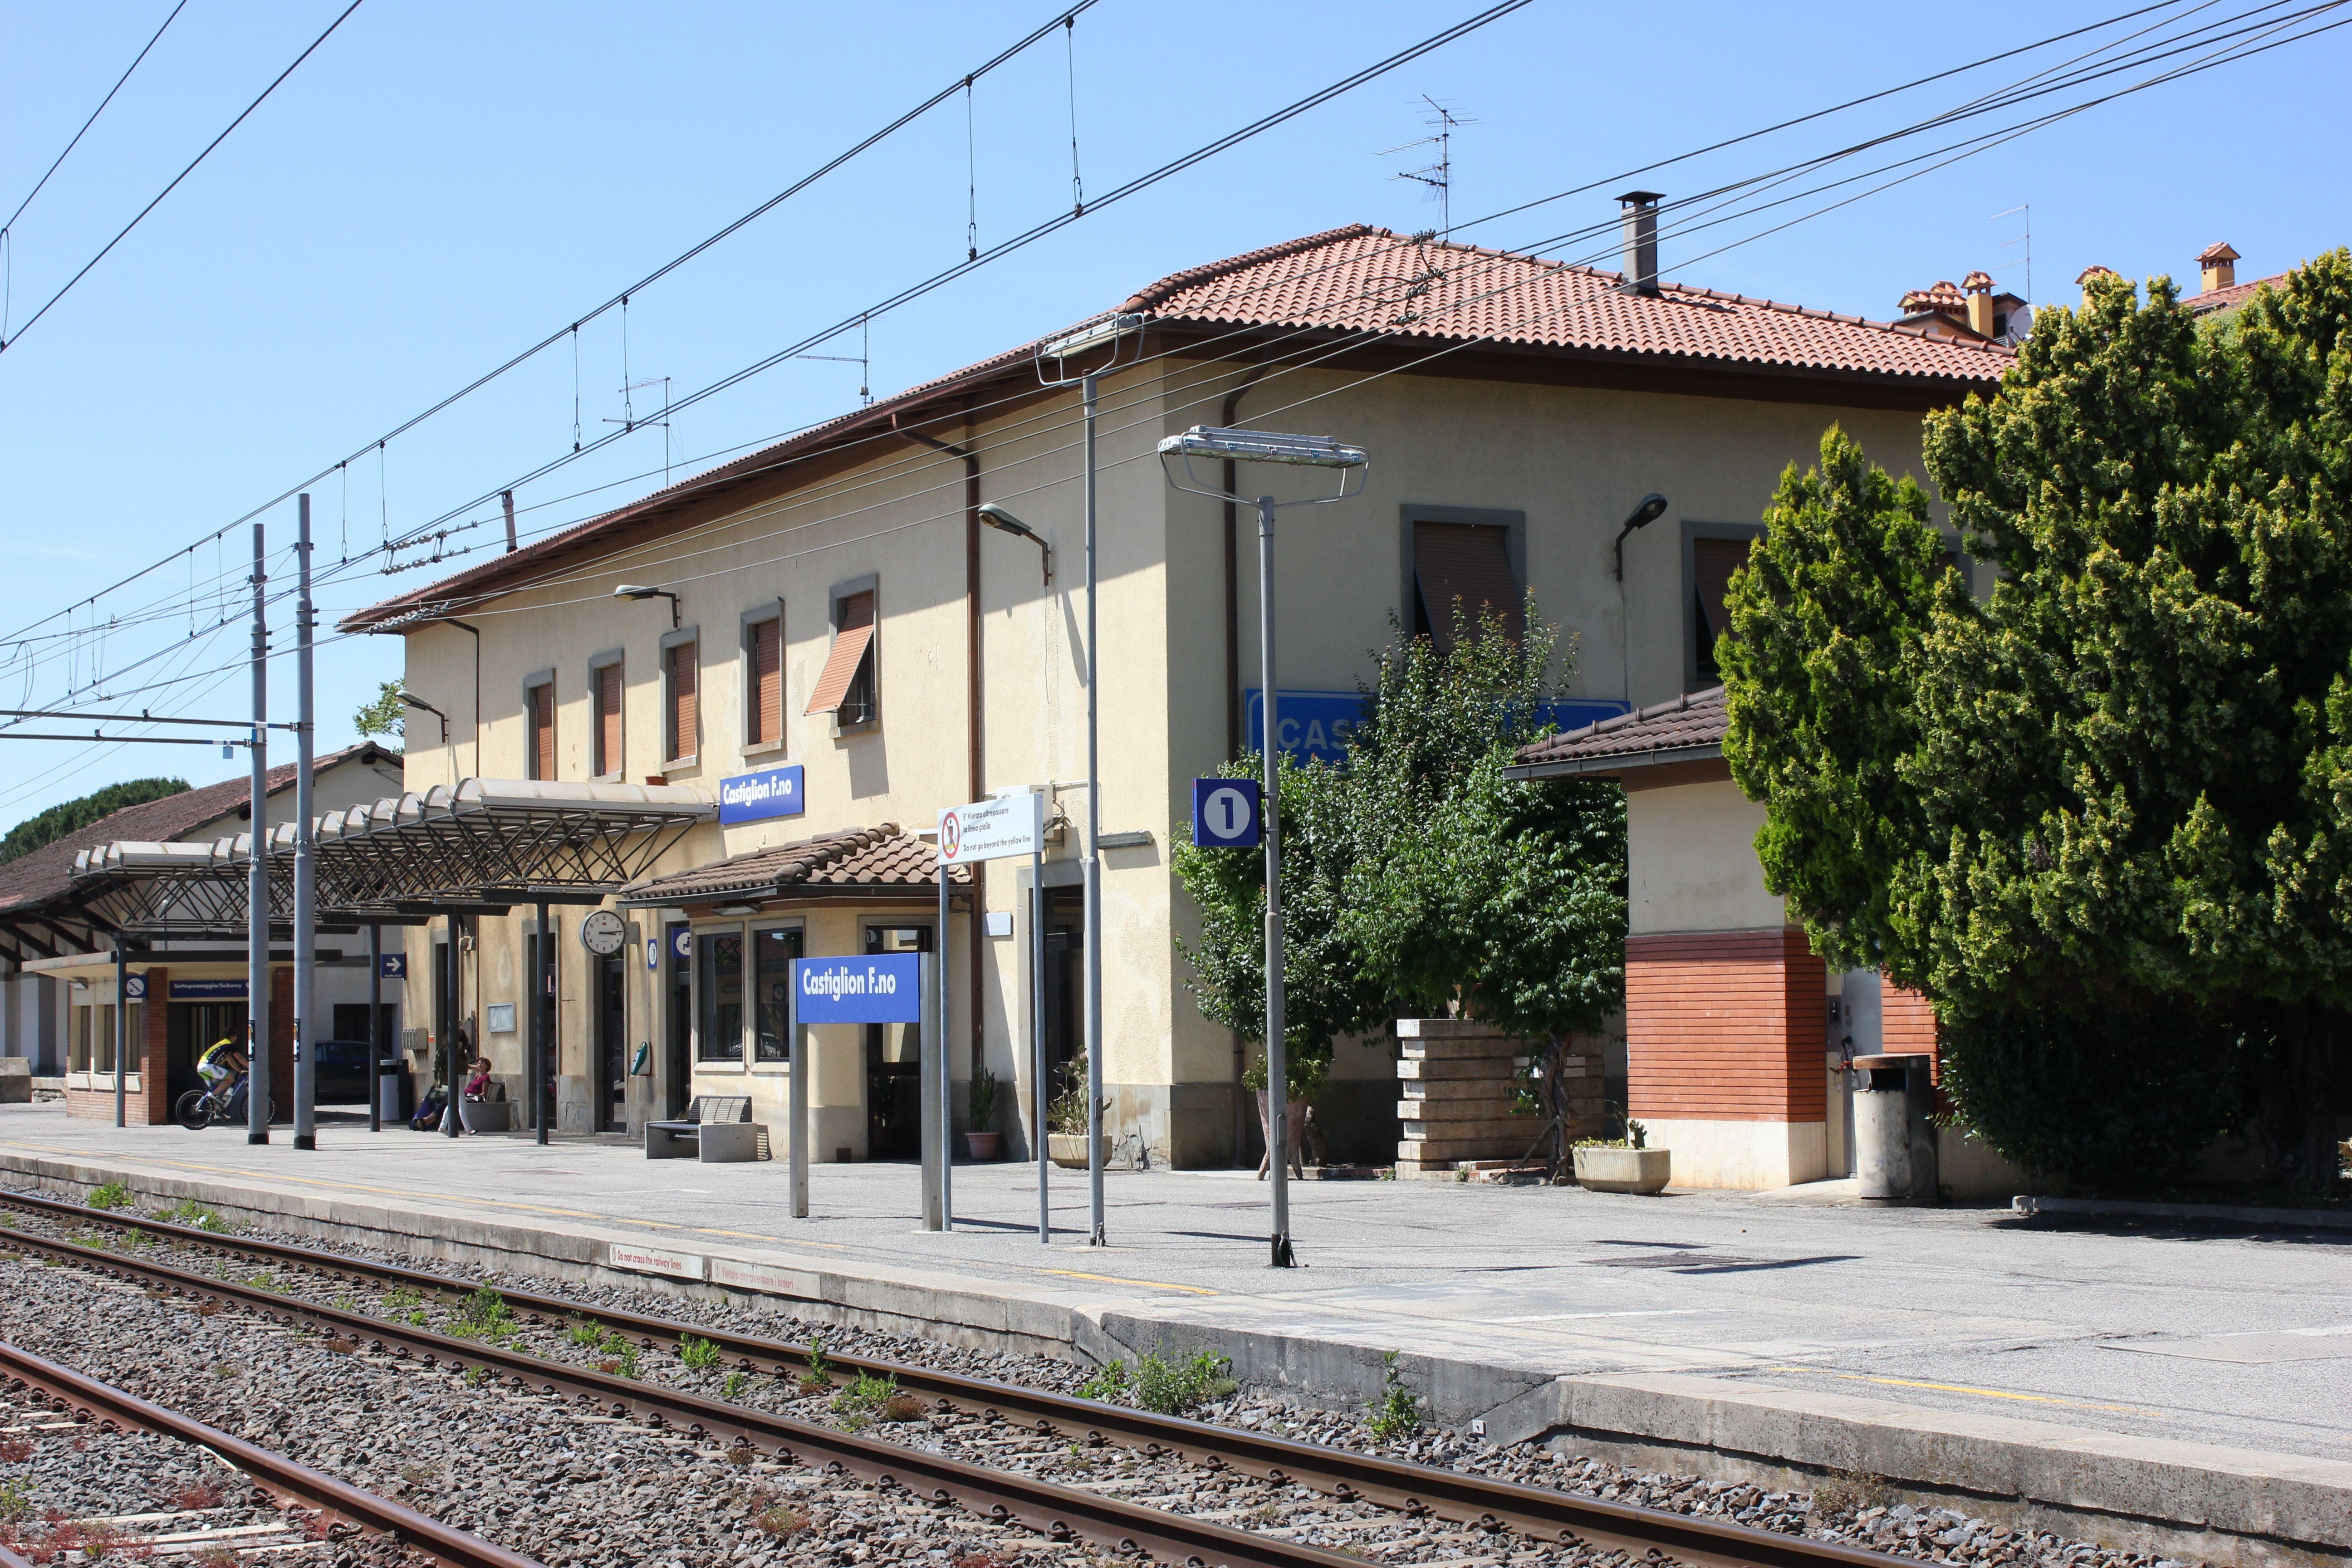 Stazione Ferroviaria, giugno 2013